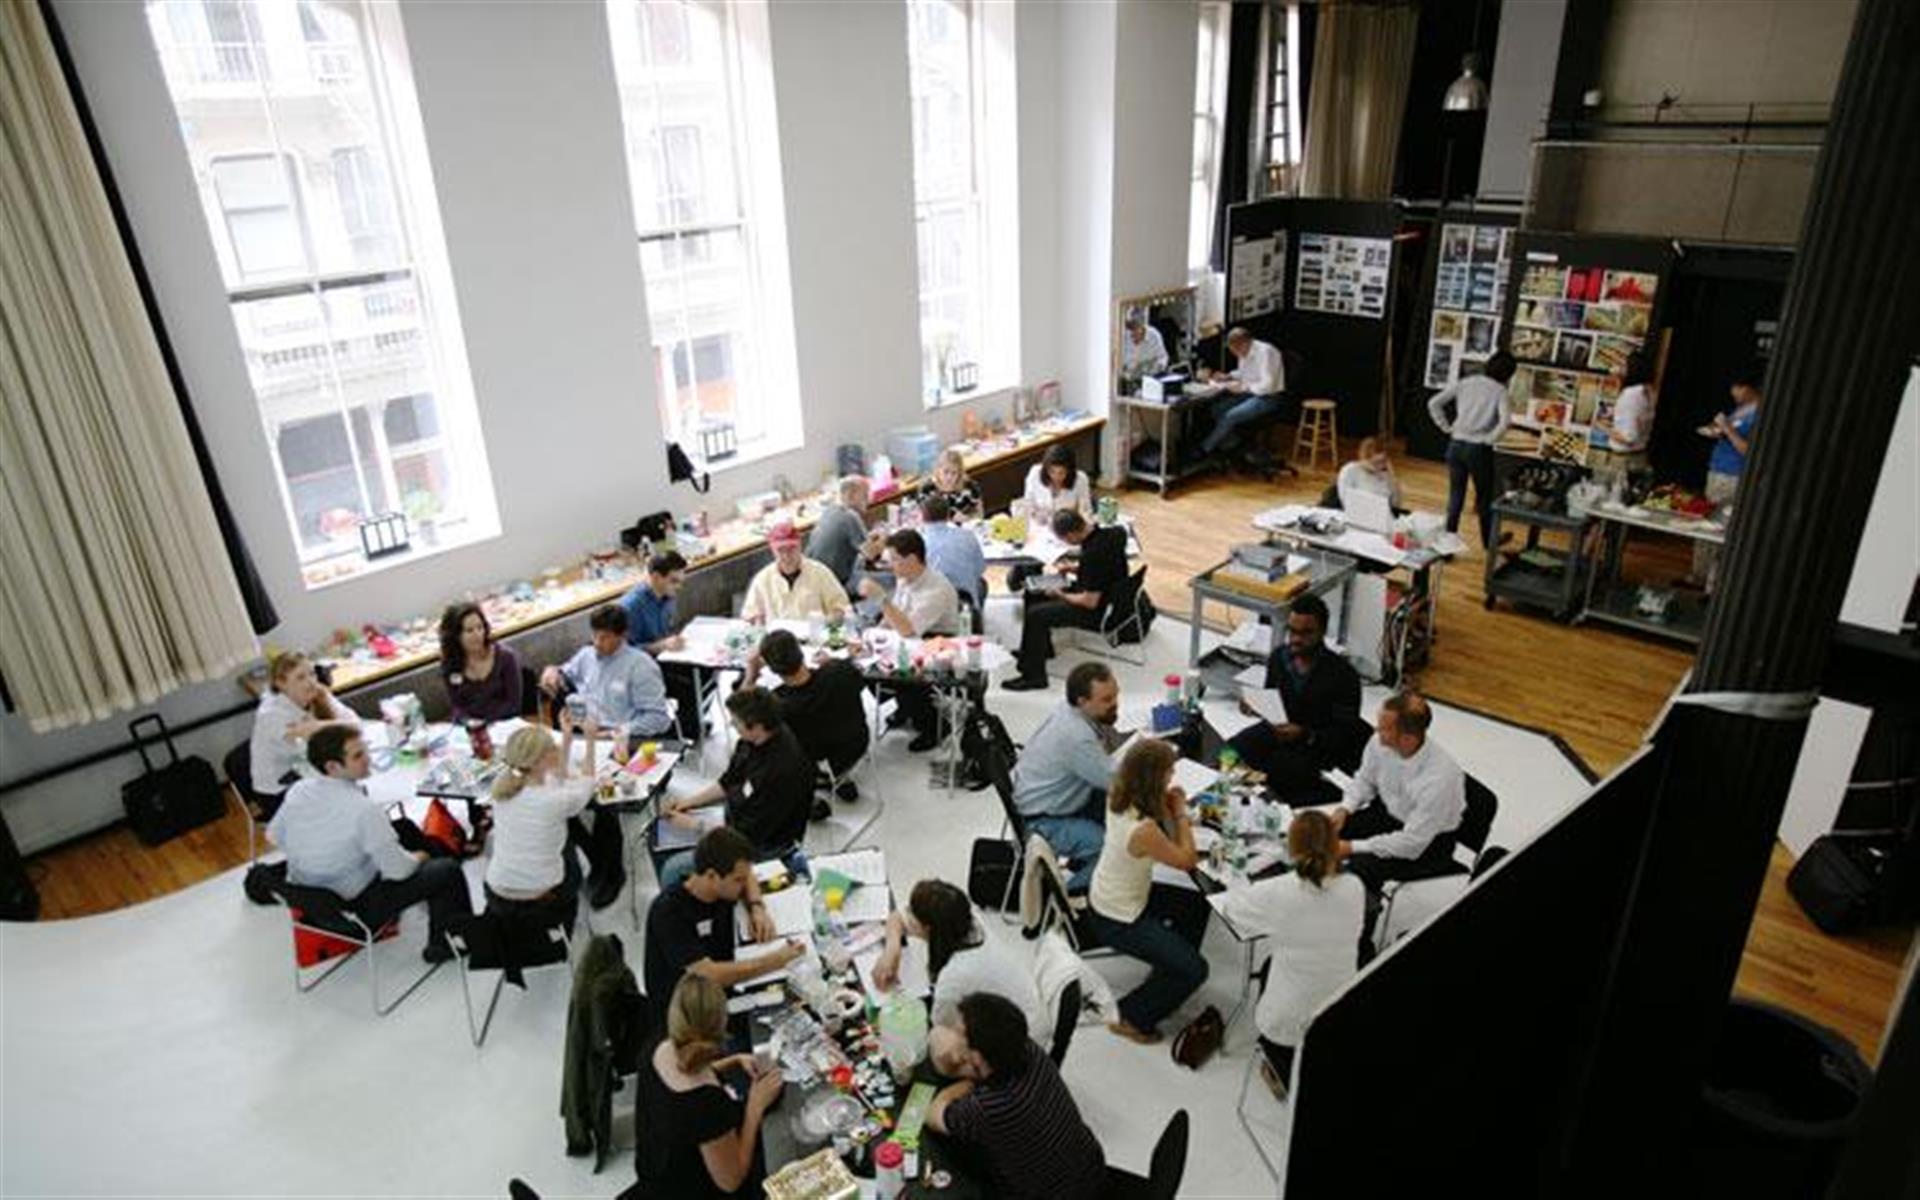 Capsule Studio - Union Square - Full-service Spacious Meeting Union Sq.